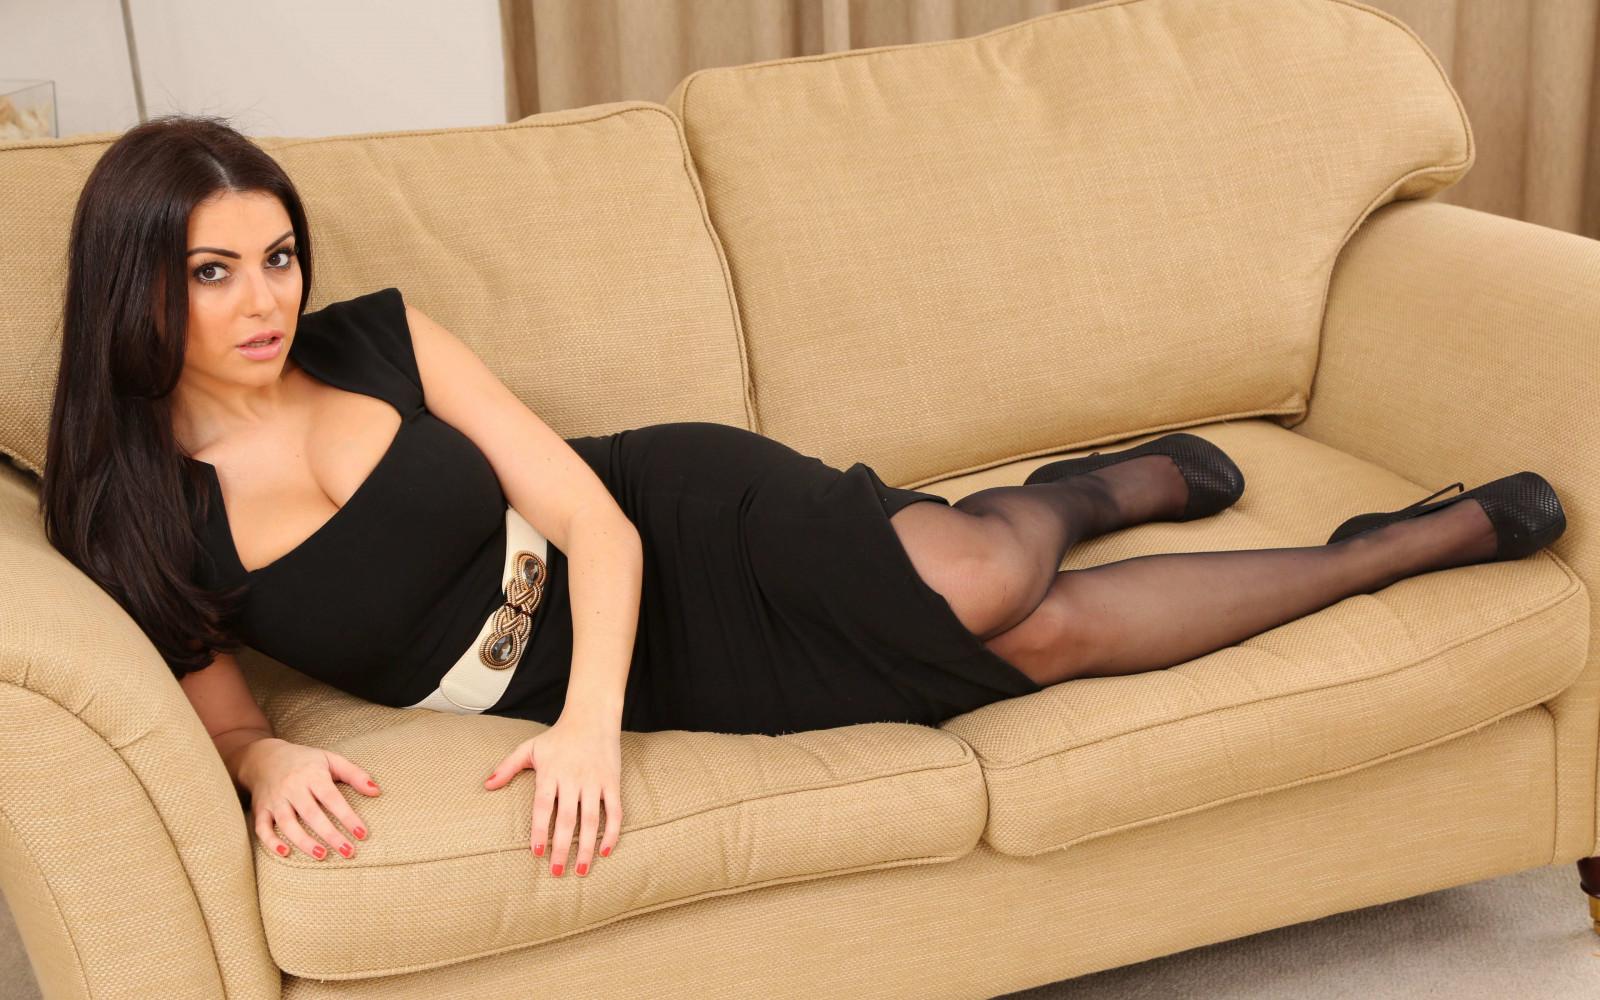 женщины на диване в чулках - 7